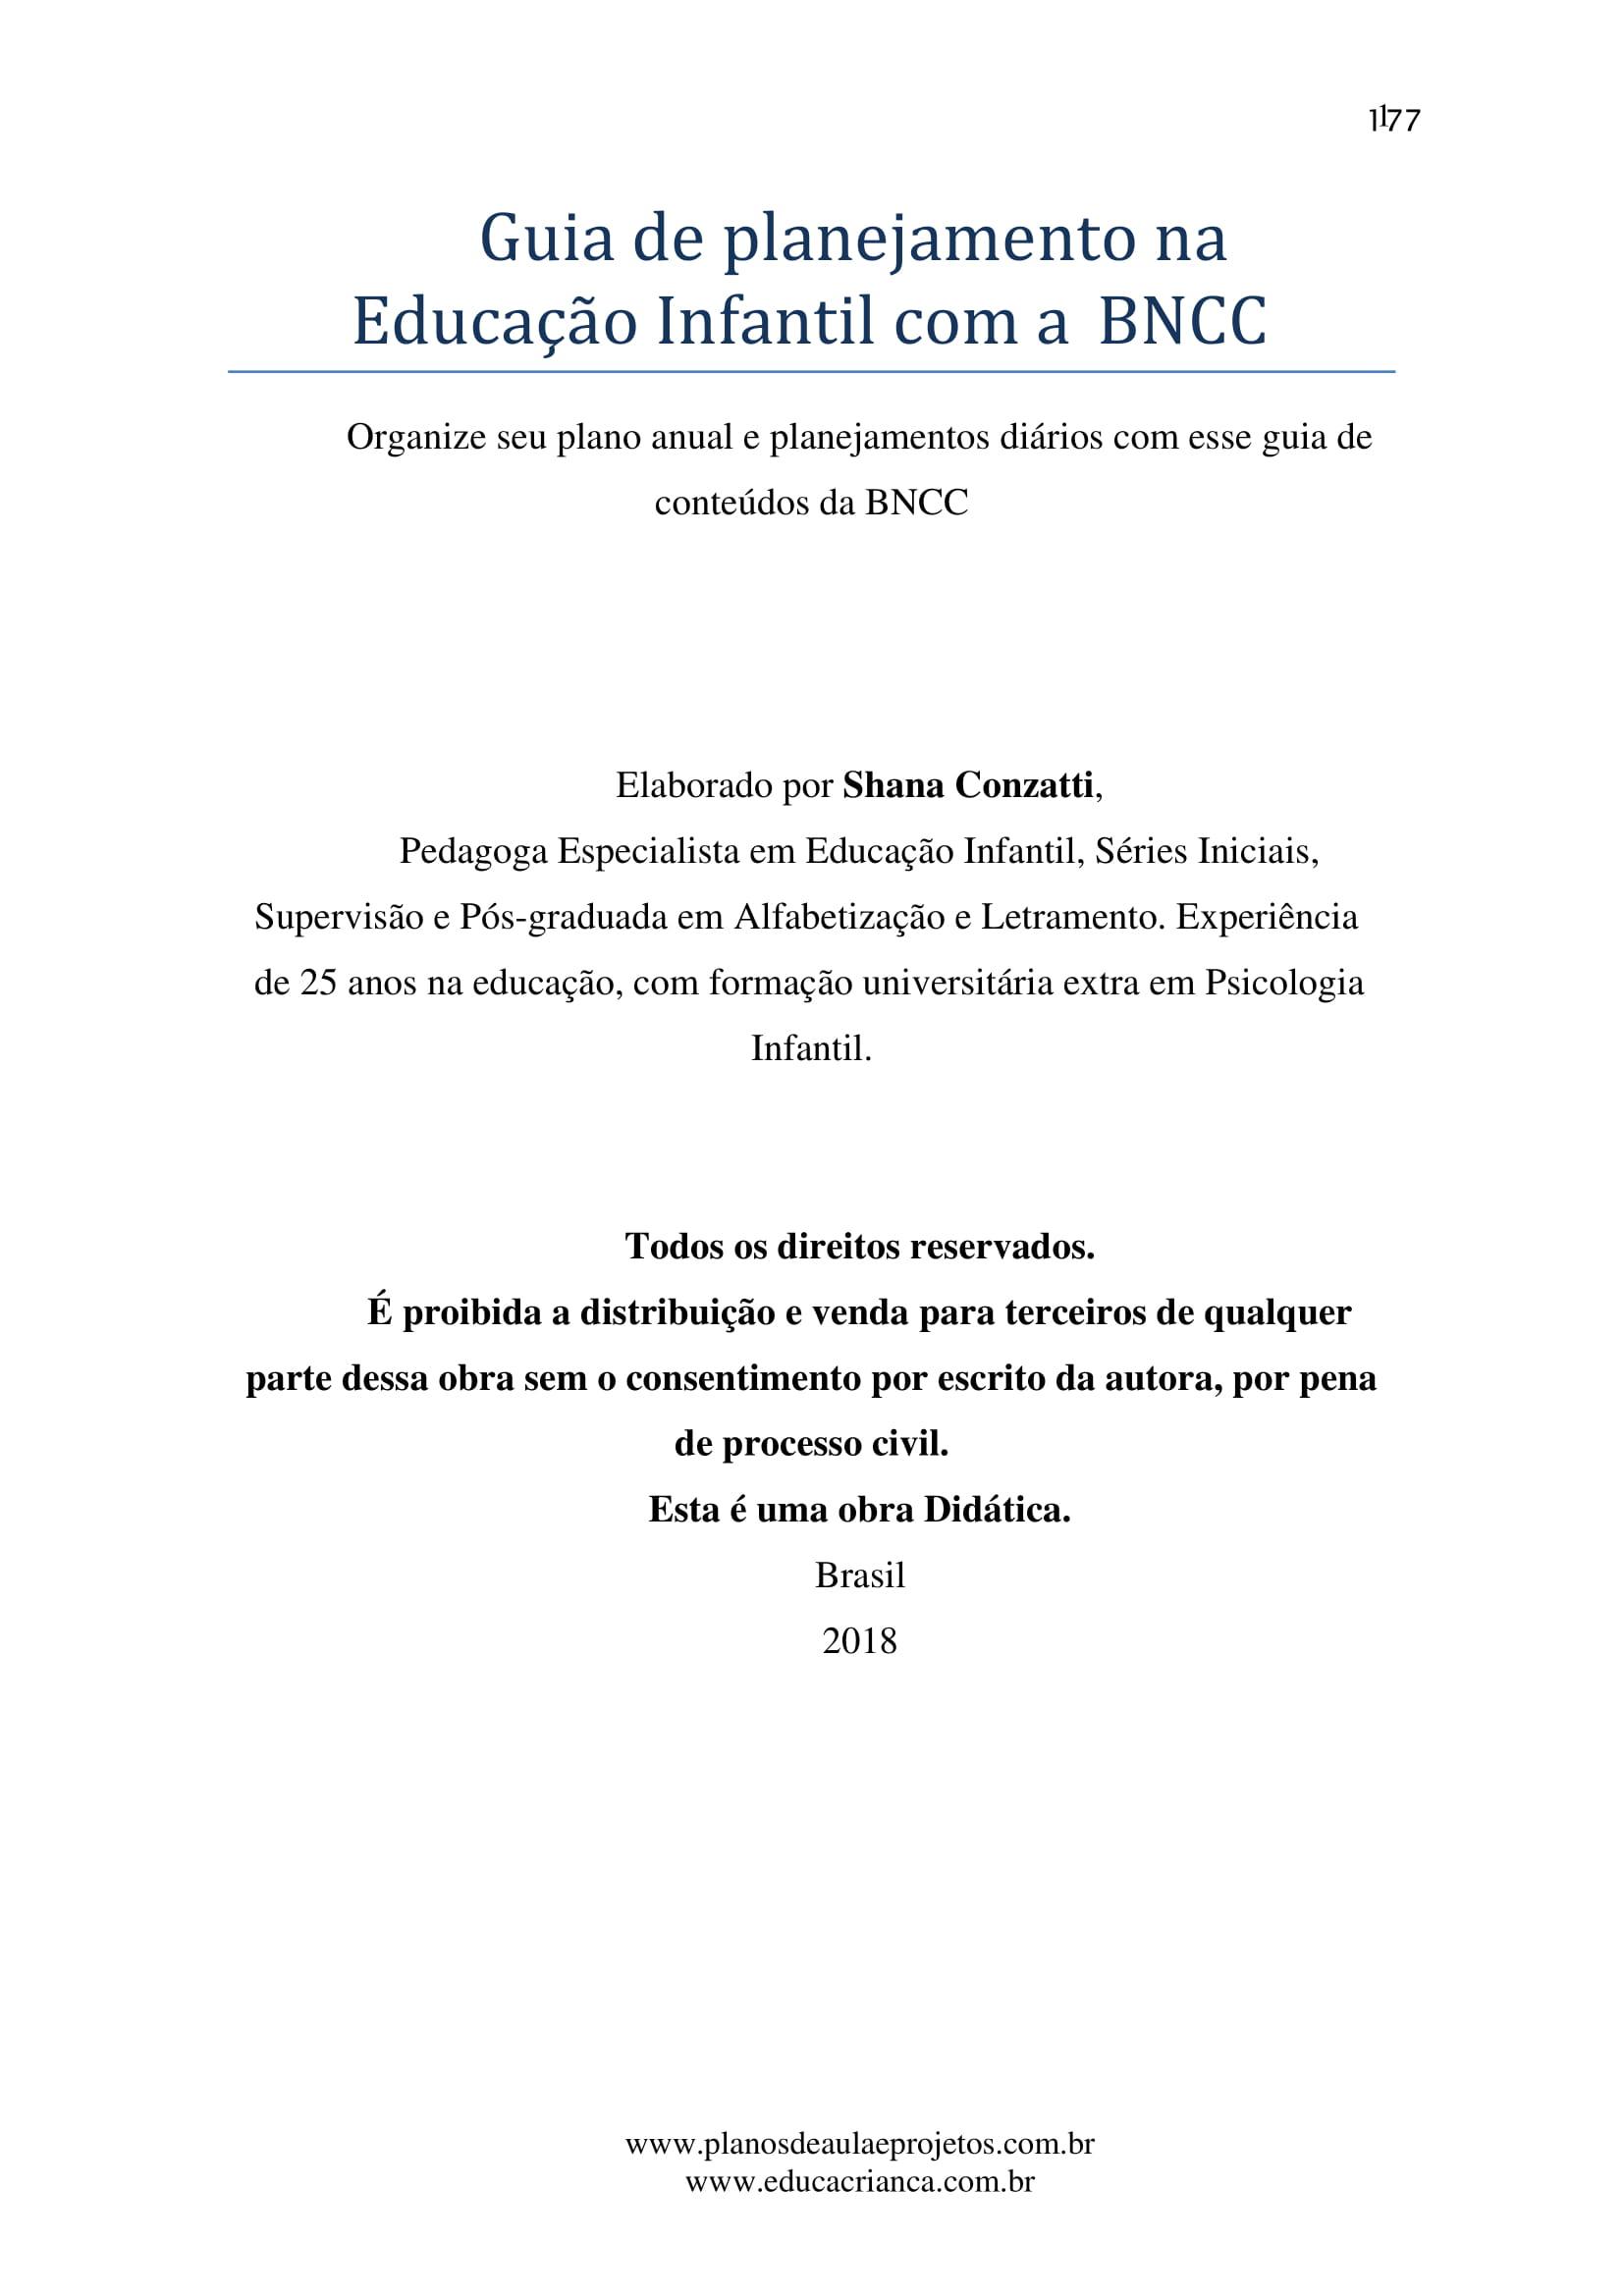 planejamento-educação-infantil-bncc-geral-207